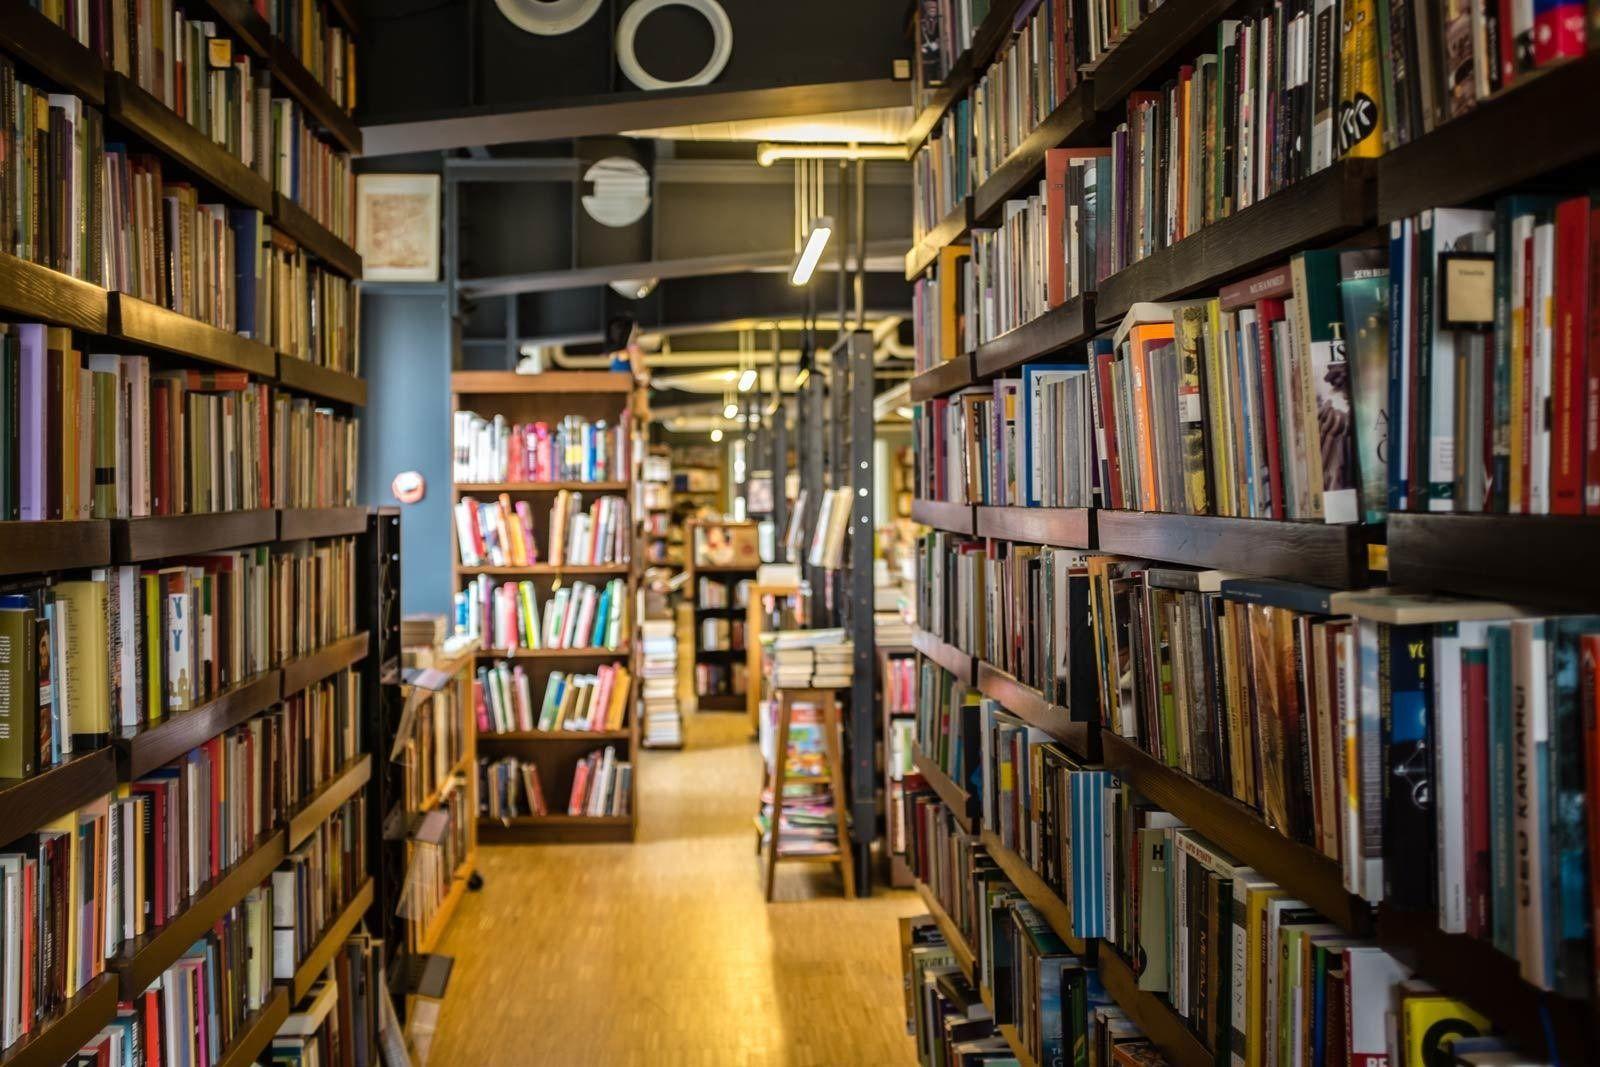 Музей Востока открыл электронную библиотеку книг поискусству